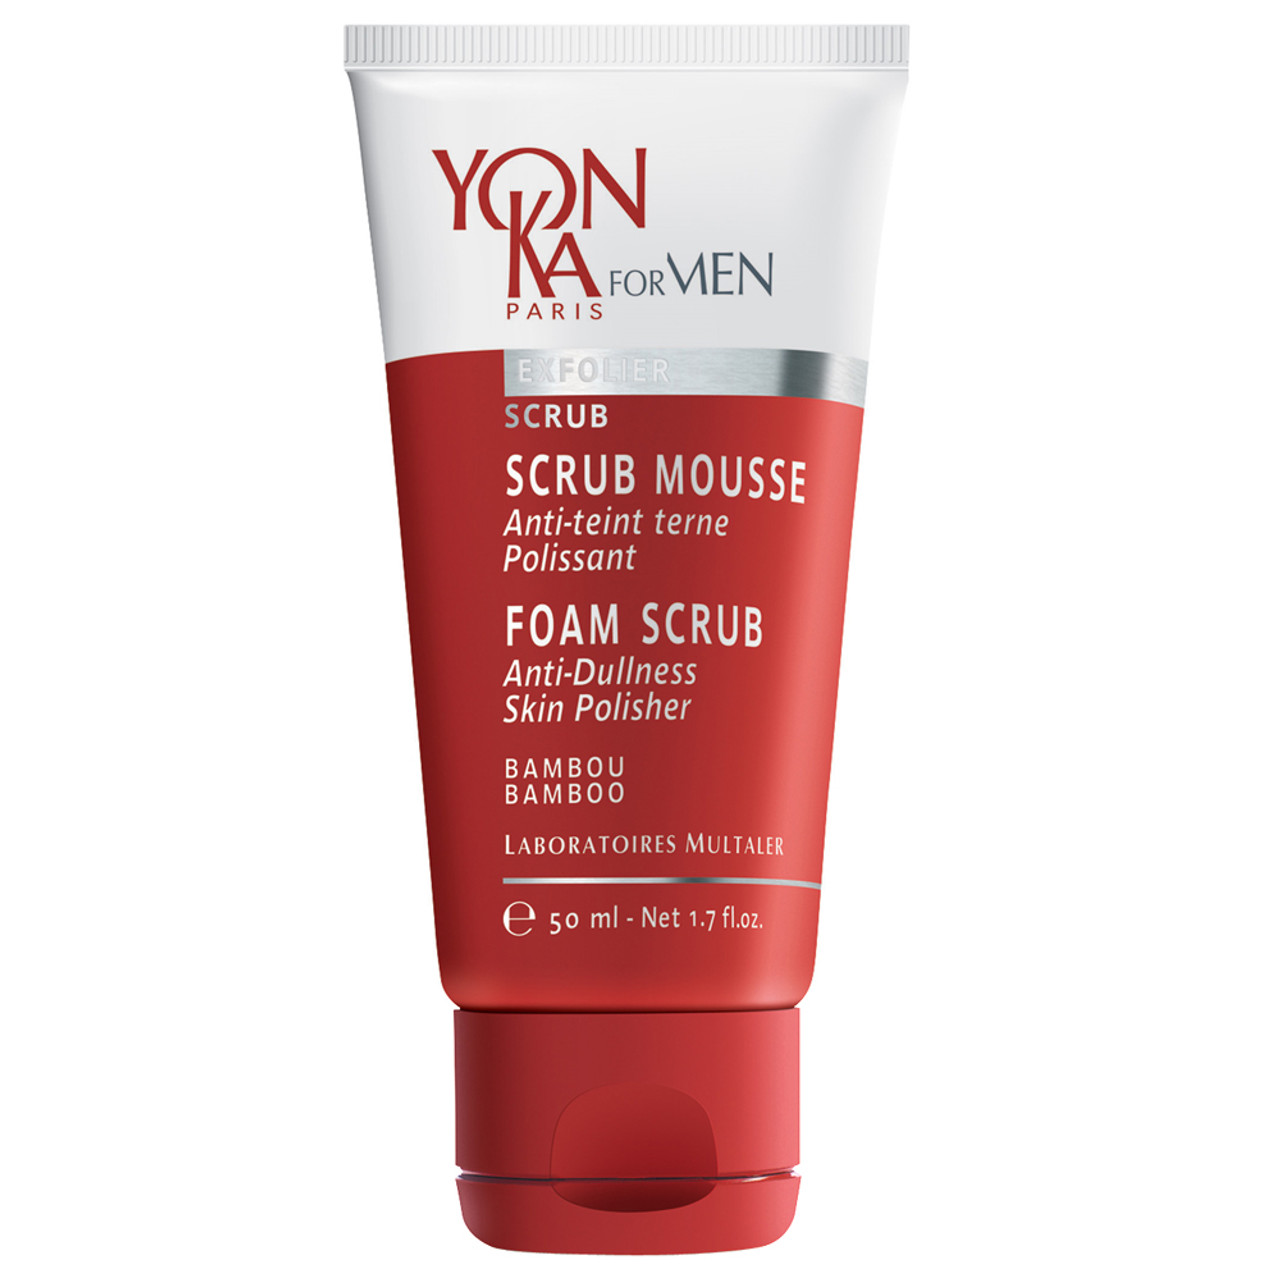 YonKa Foam Scrub BeautifiedYou.com